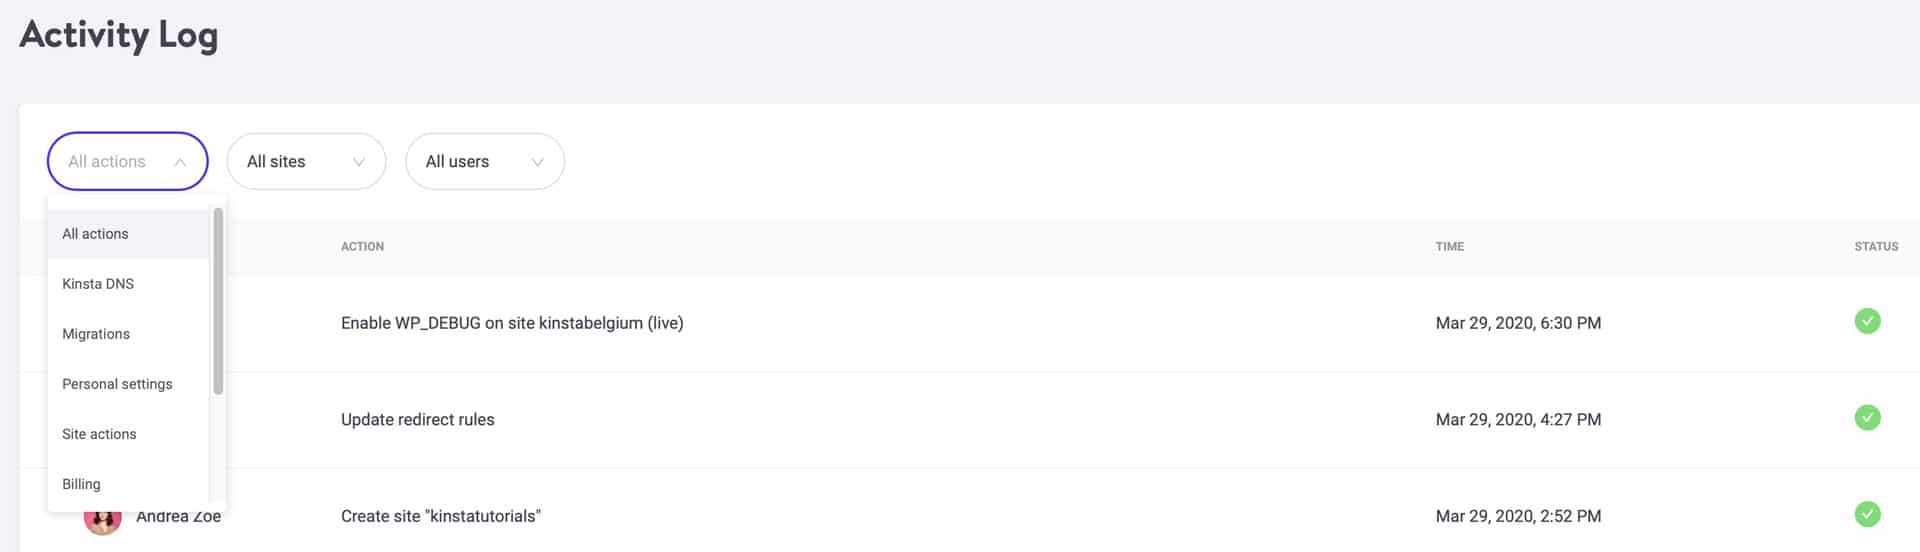 Il filtro per categoria del registro delle attività di MyKinsta